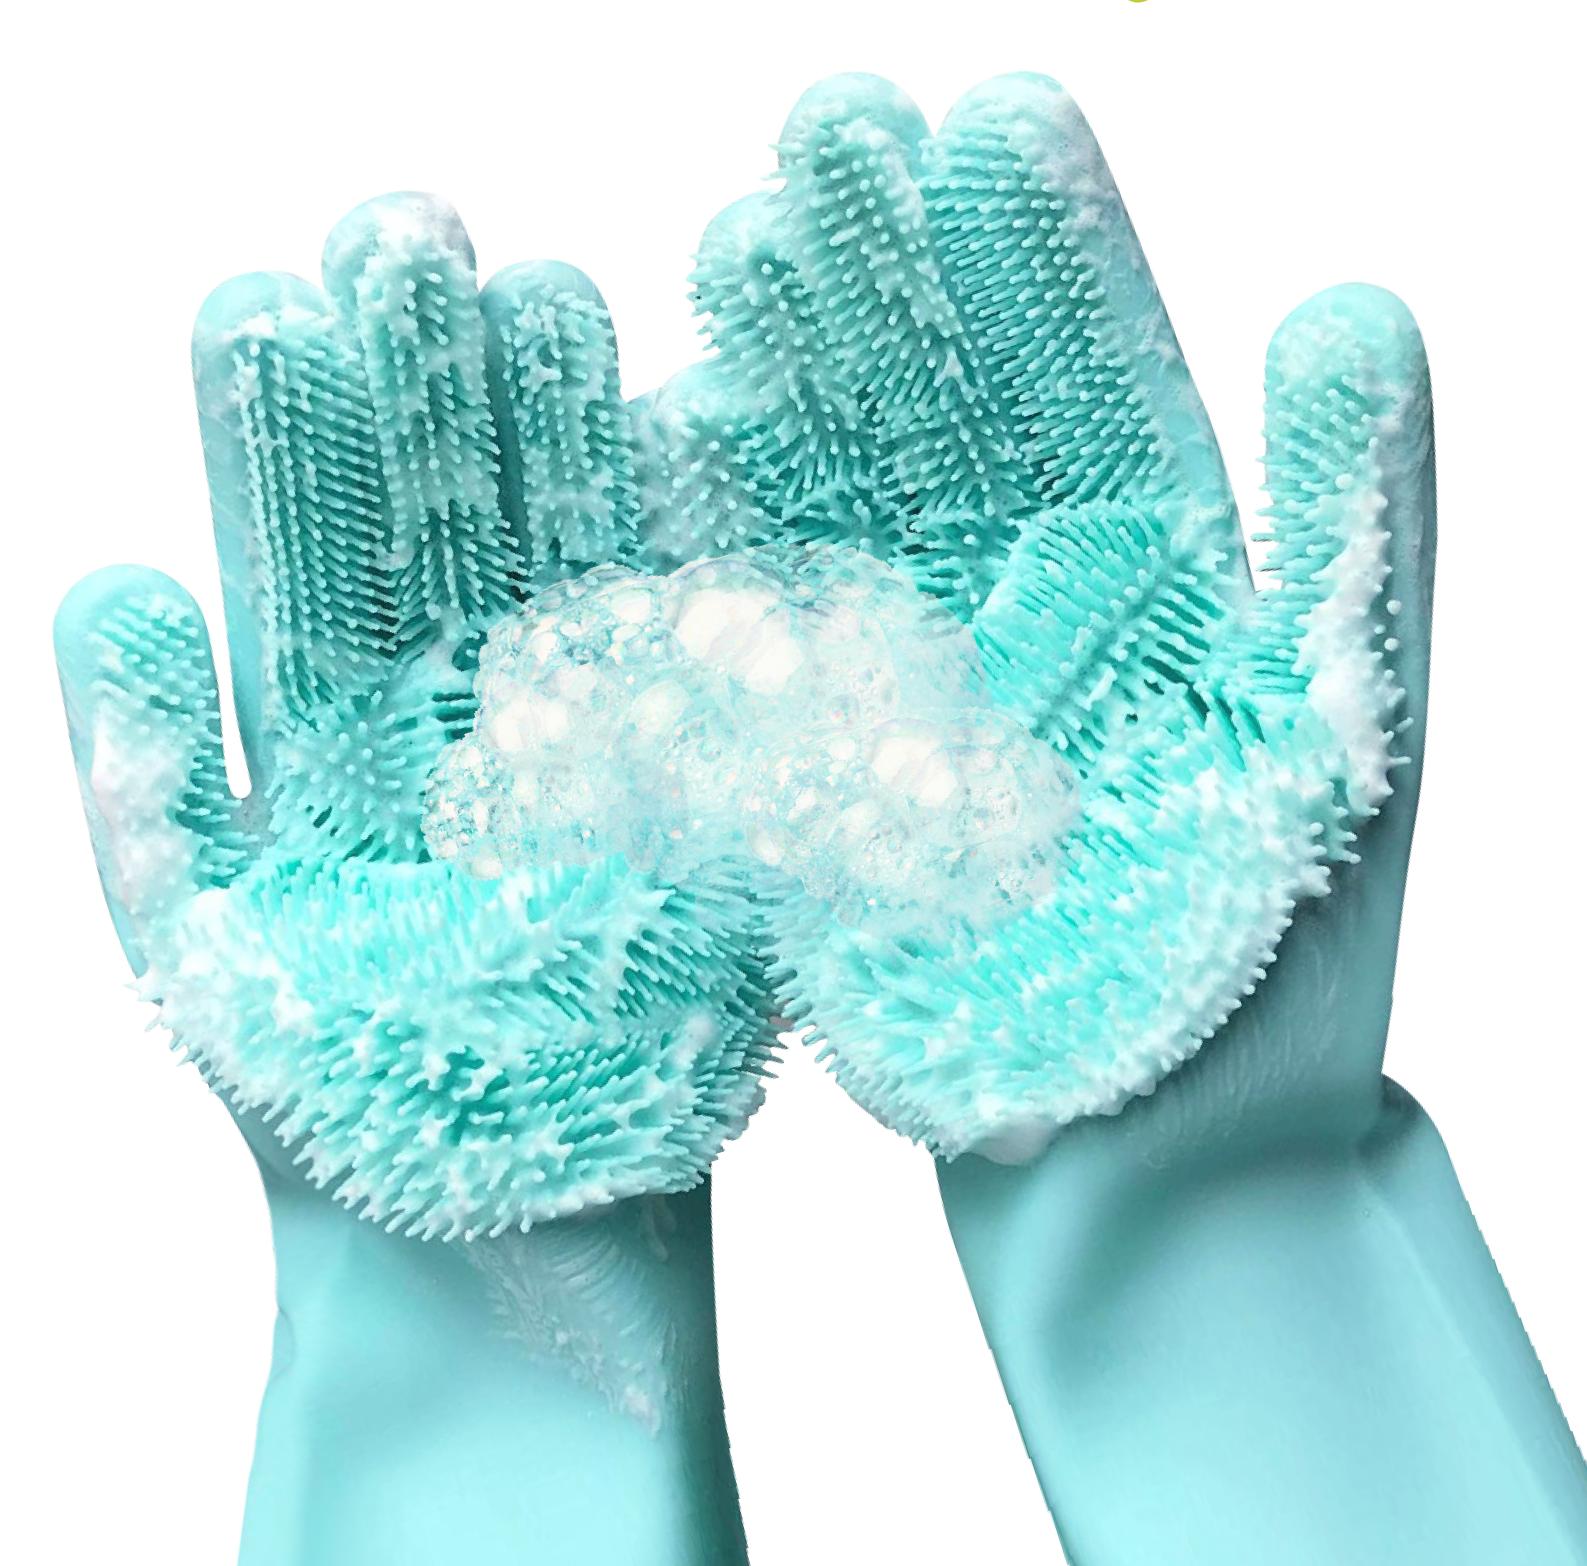 Мультифункциональные силиконовые перчатки